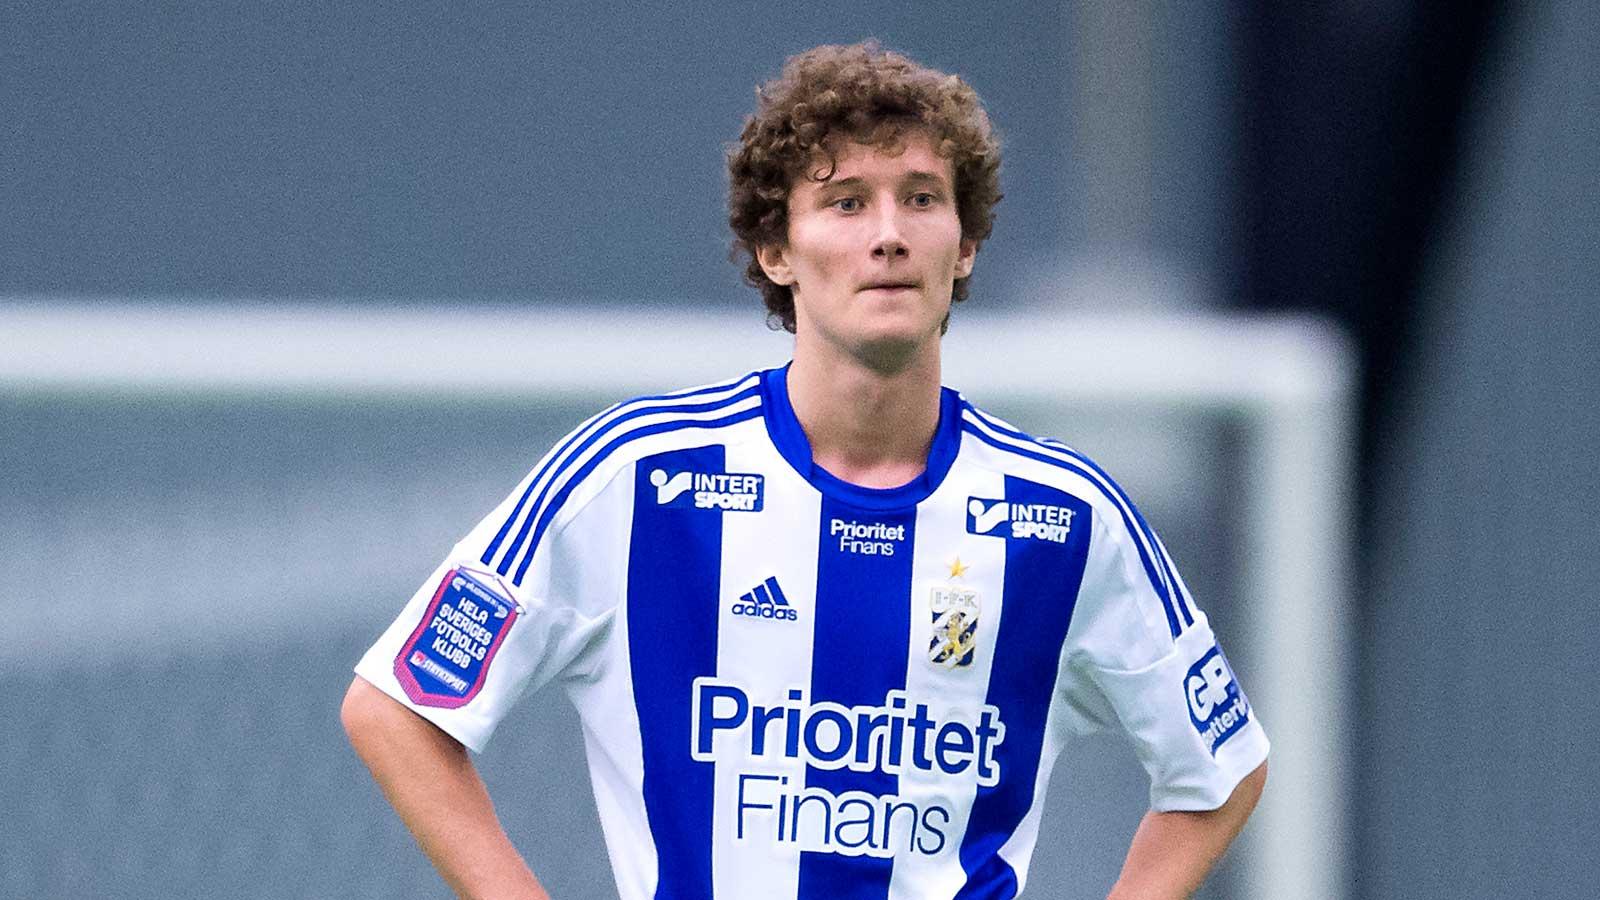 151101 IFK Göteborgs Jakob Bergman under finalen i U19-allsvenskan i fotboll mellan IFK Göteborg och Djurgården den 1 november 2015 i Göteborg.